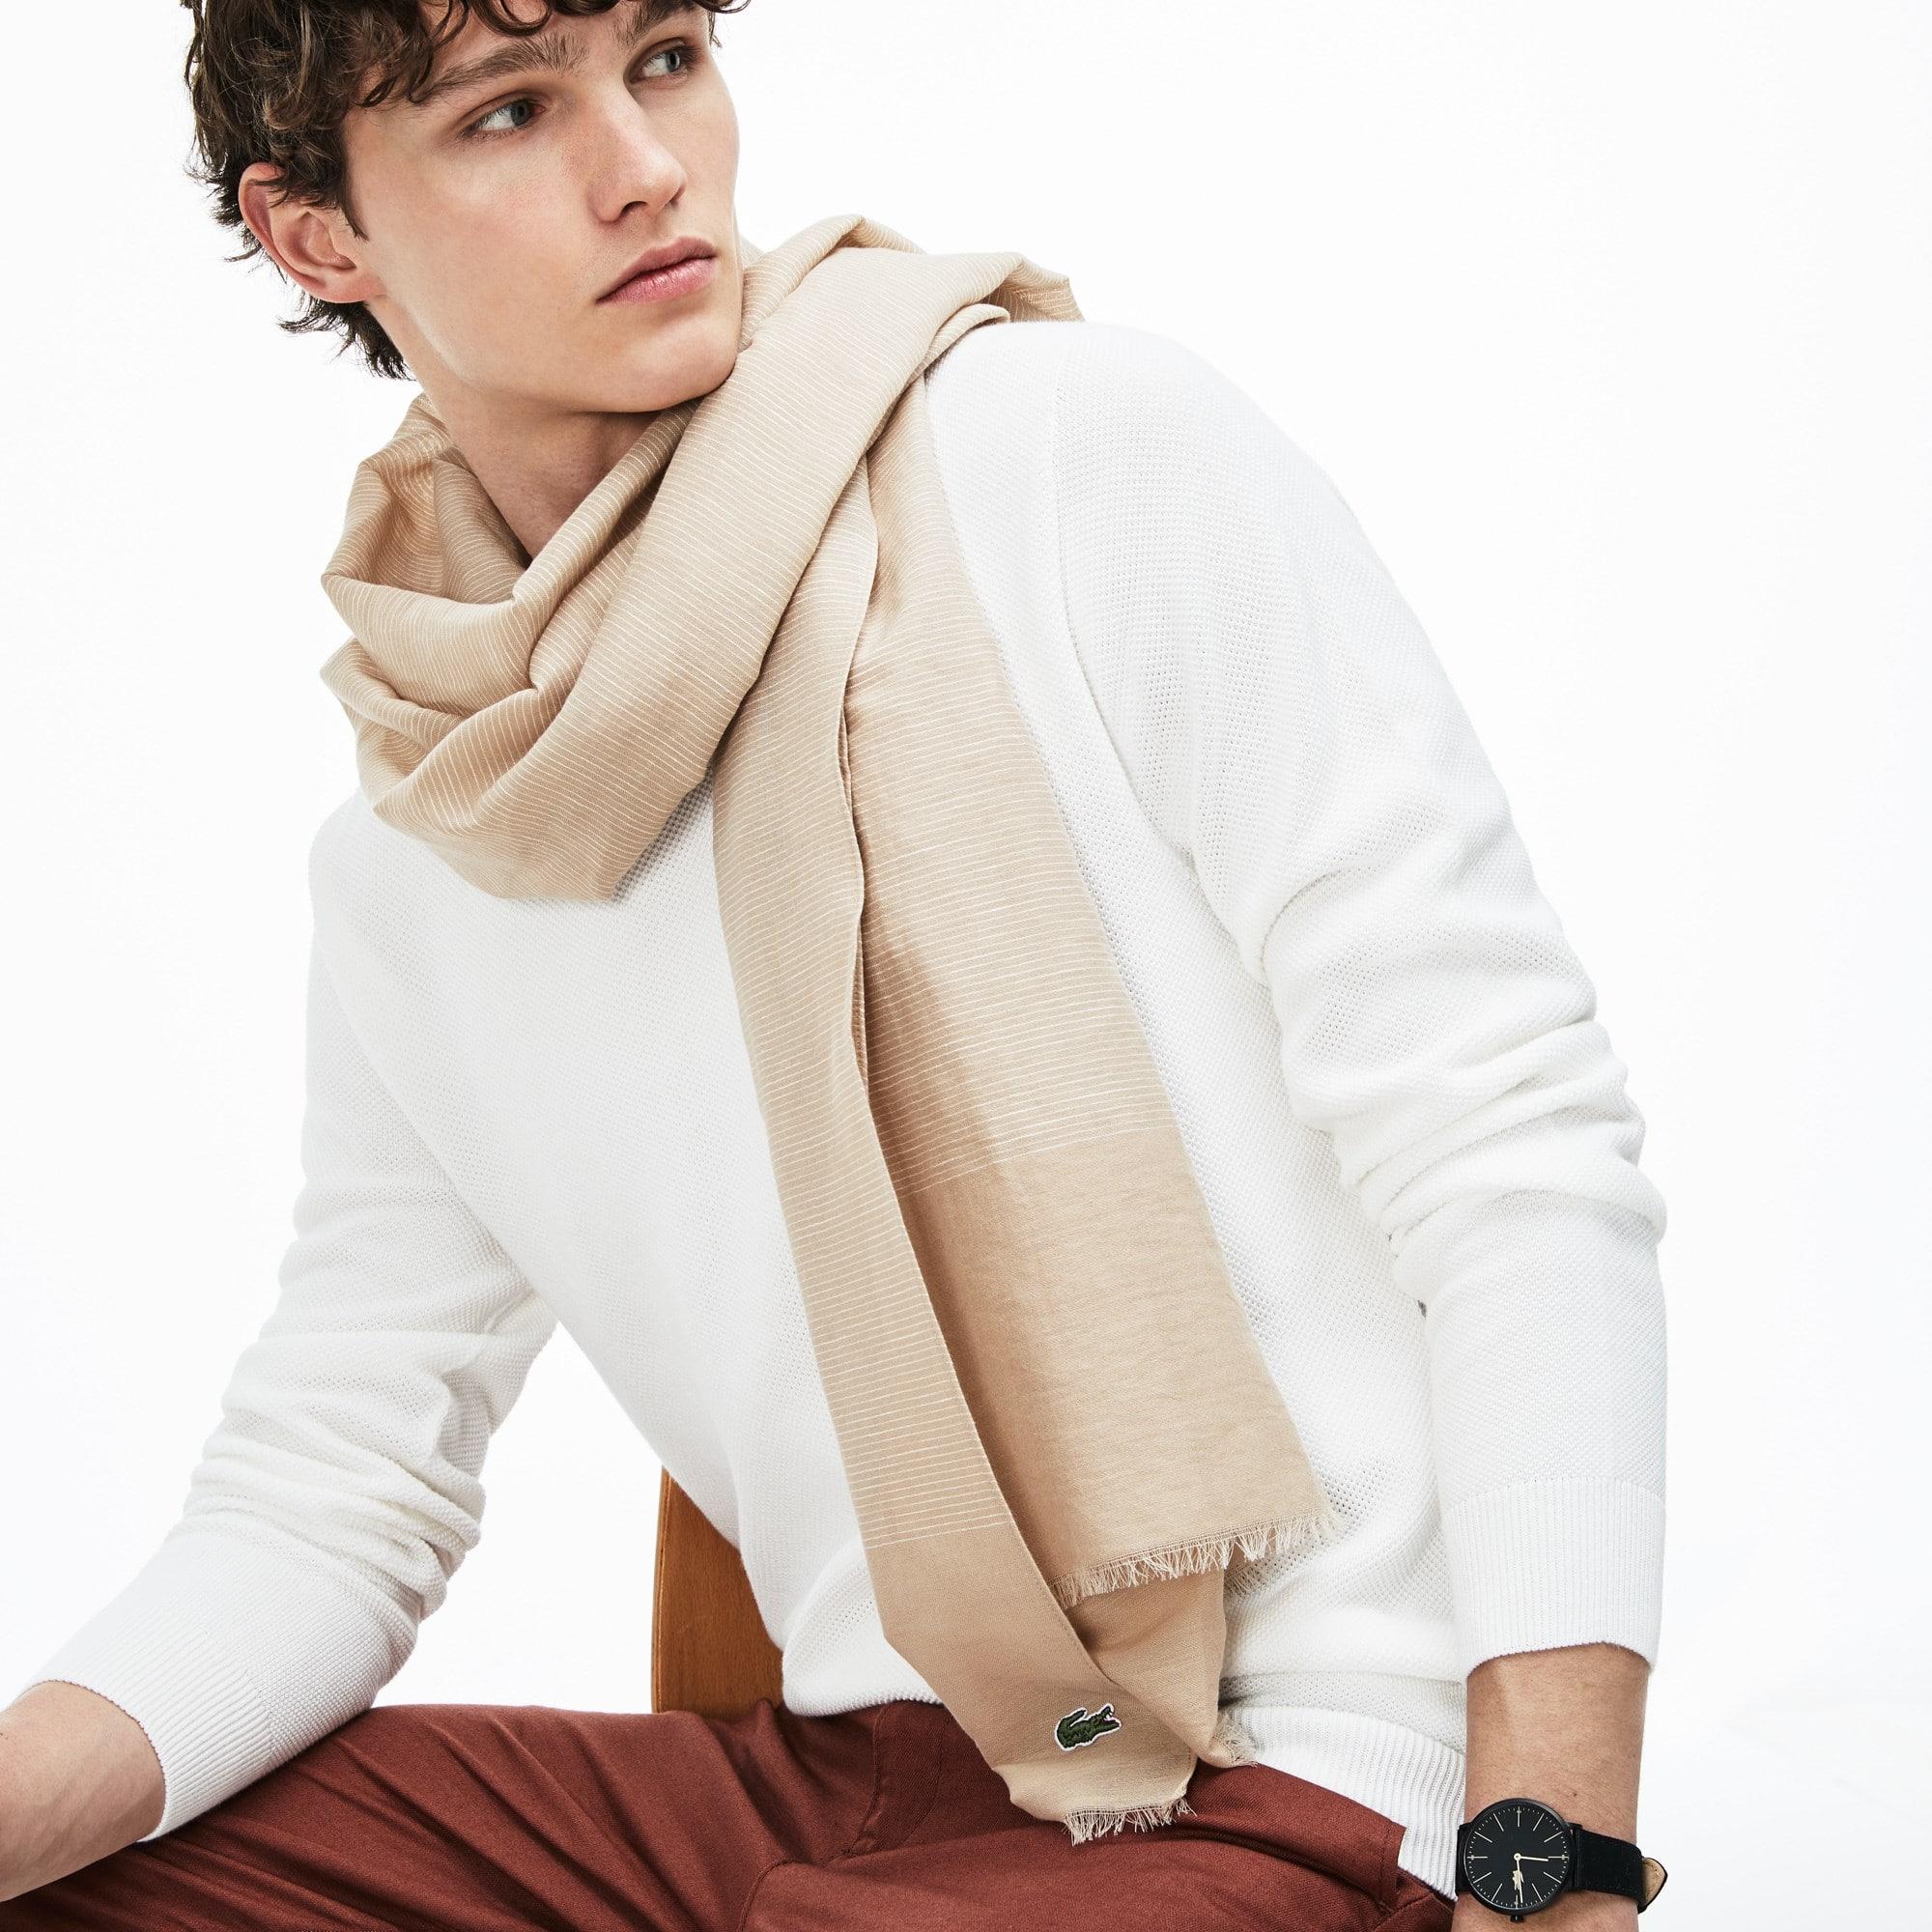 Écharpe em voile de algodão às riscas